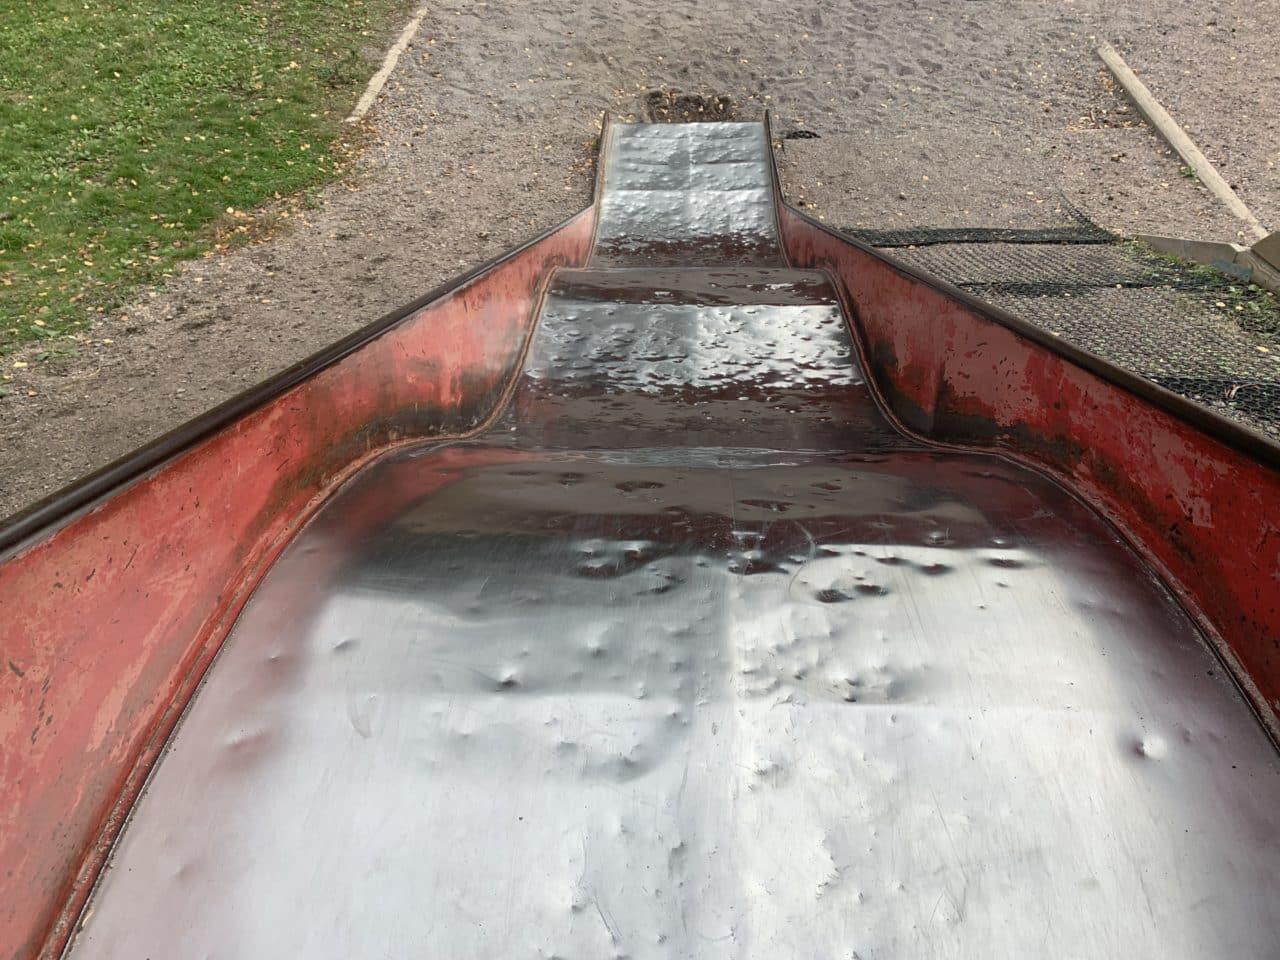 Red Schoolyard Playground Slide For Kids